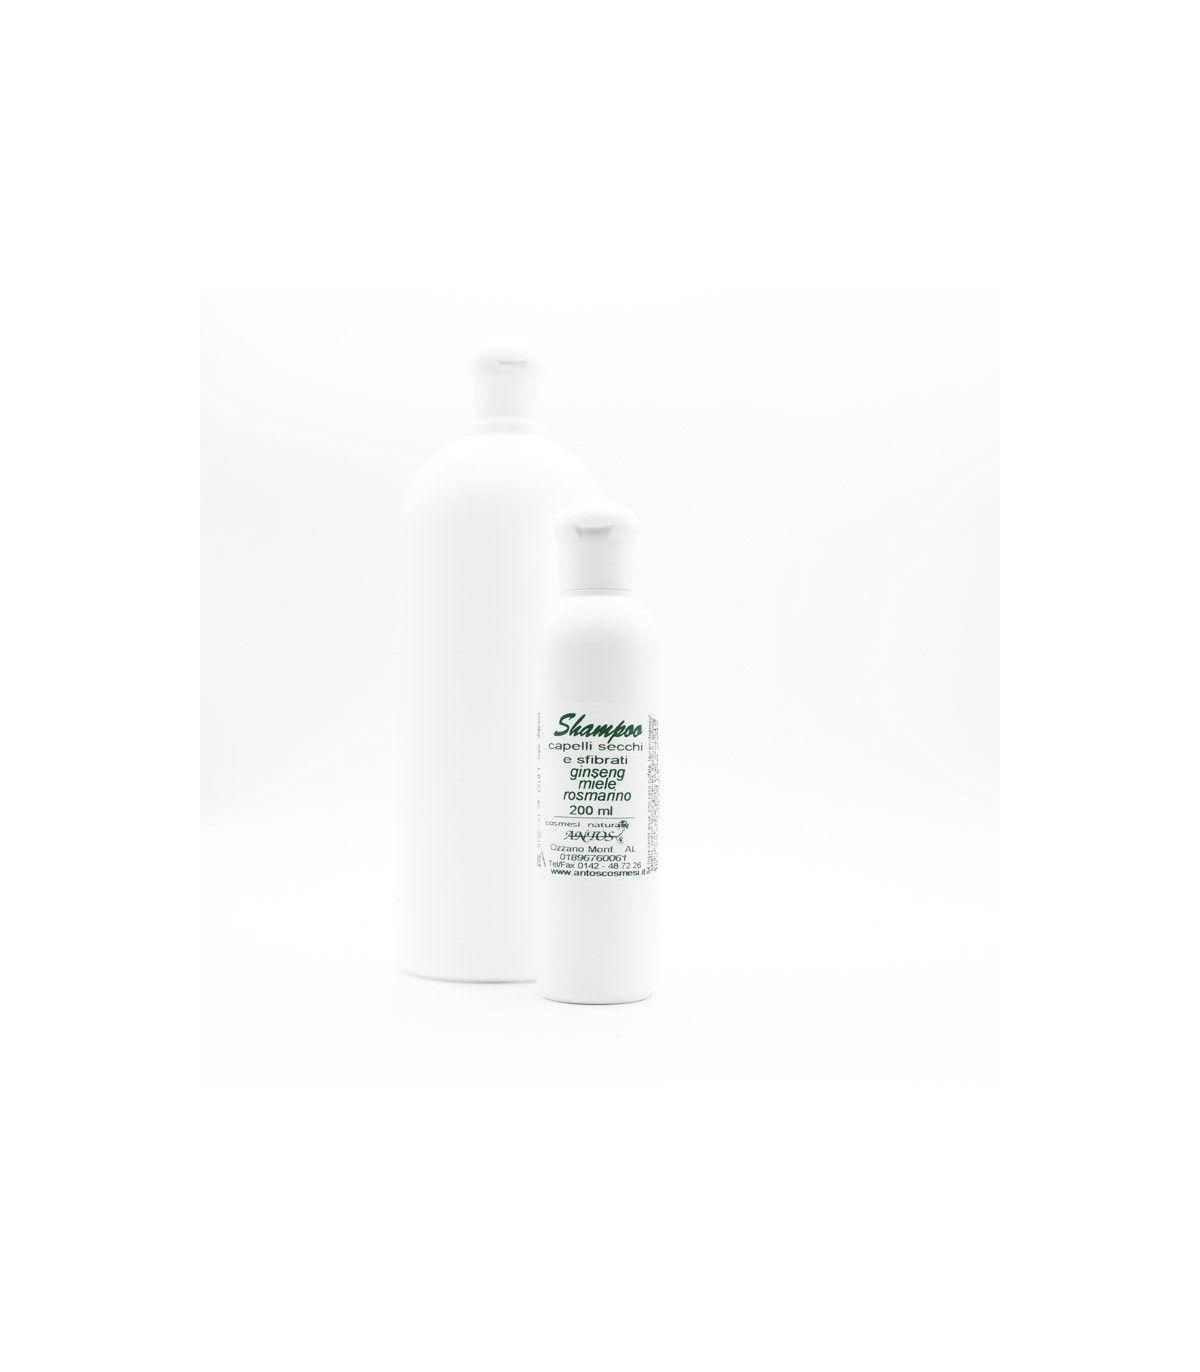 Shampoo per capelli secchi - litro